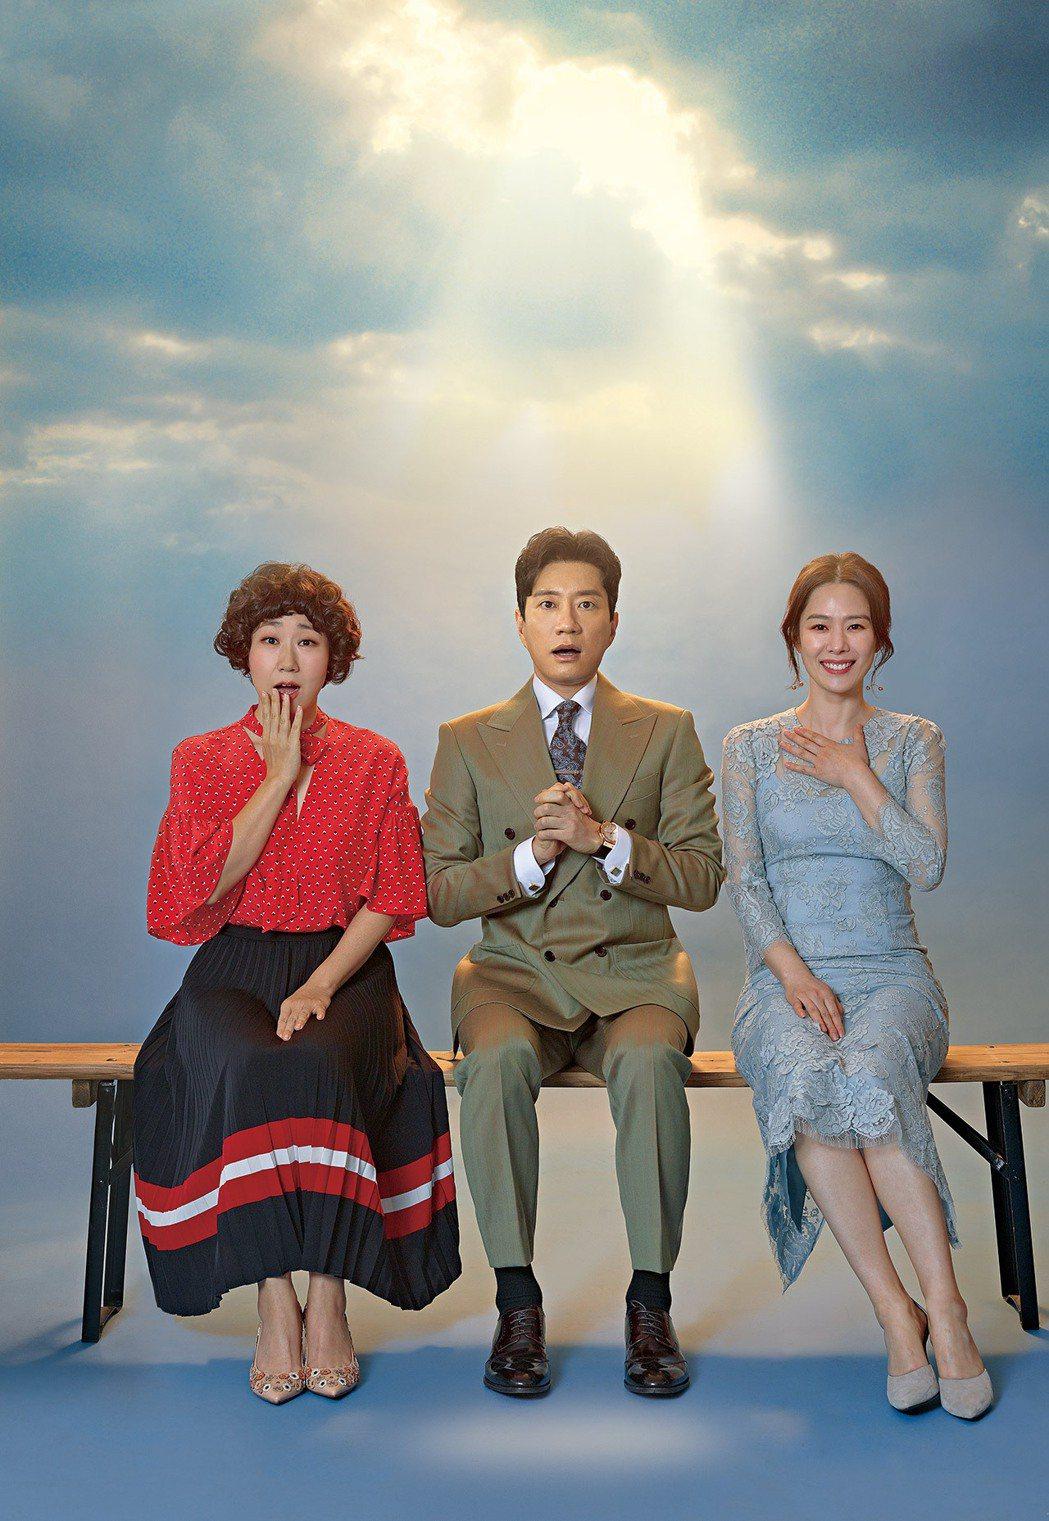 羅美蘭(左起)、金明民、金賢珠在「我們相遇的奇蹟」戲中,3人因靈魂錯換而發展出有...